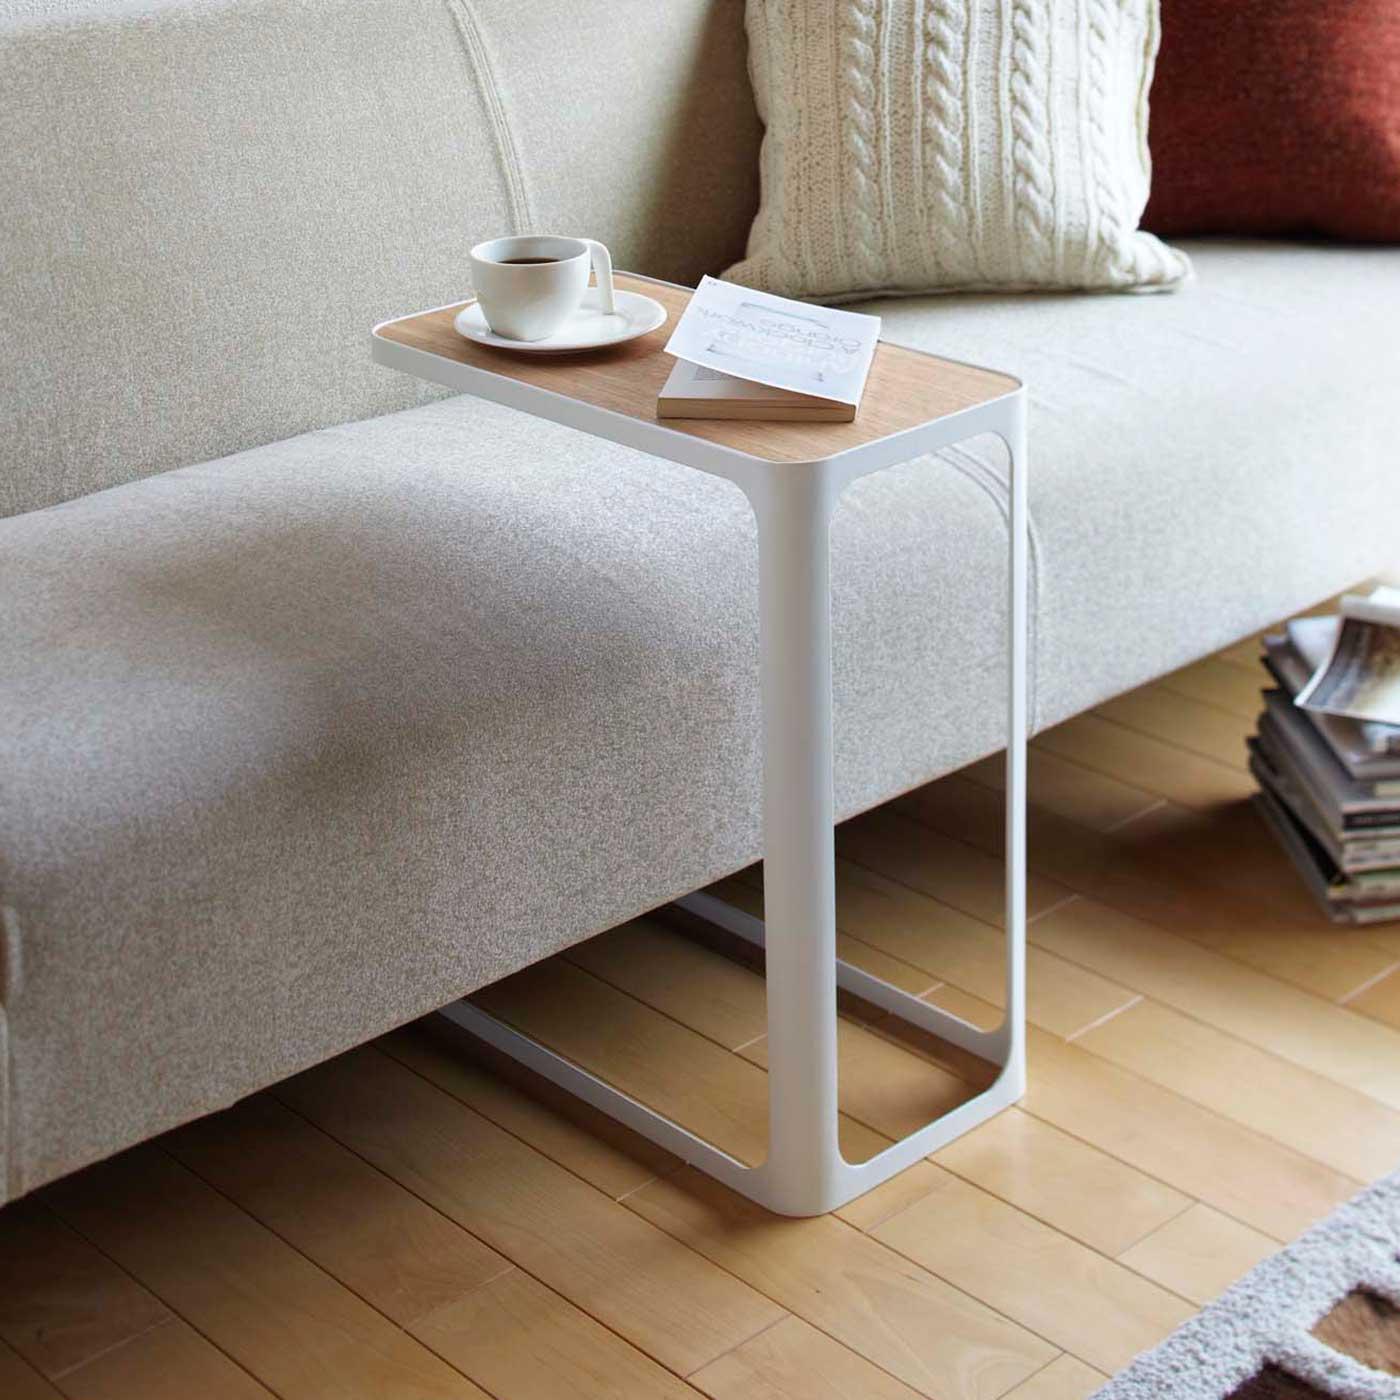 ソファ下に差し込める、快適なサイドテーブル。